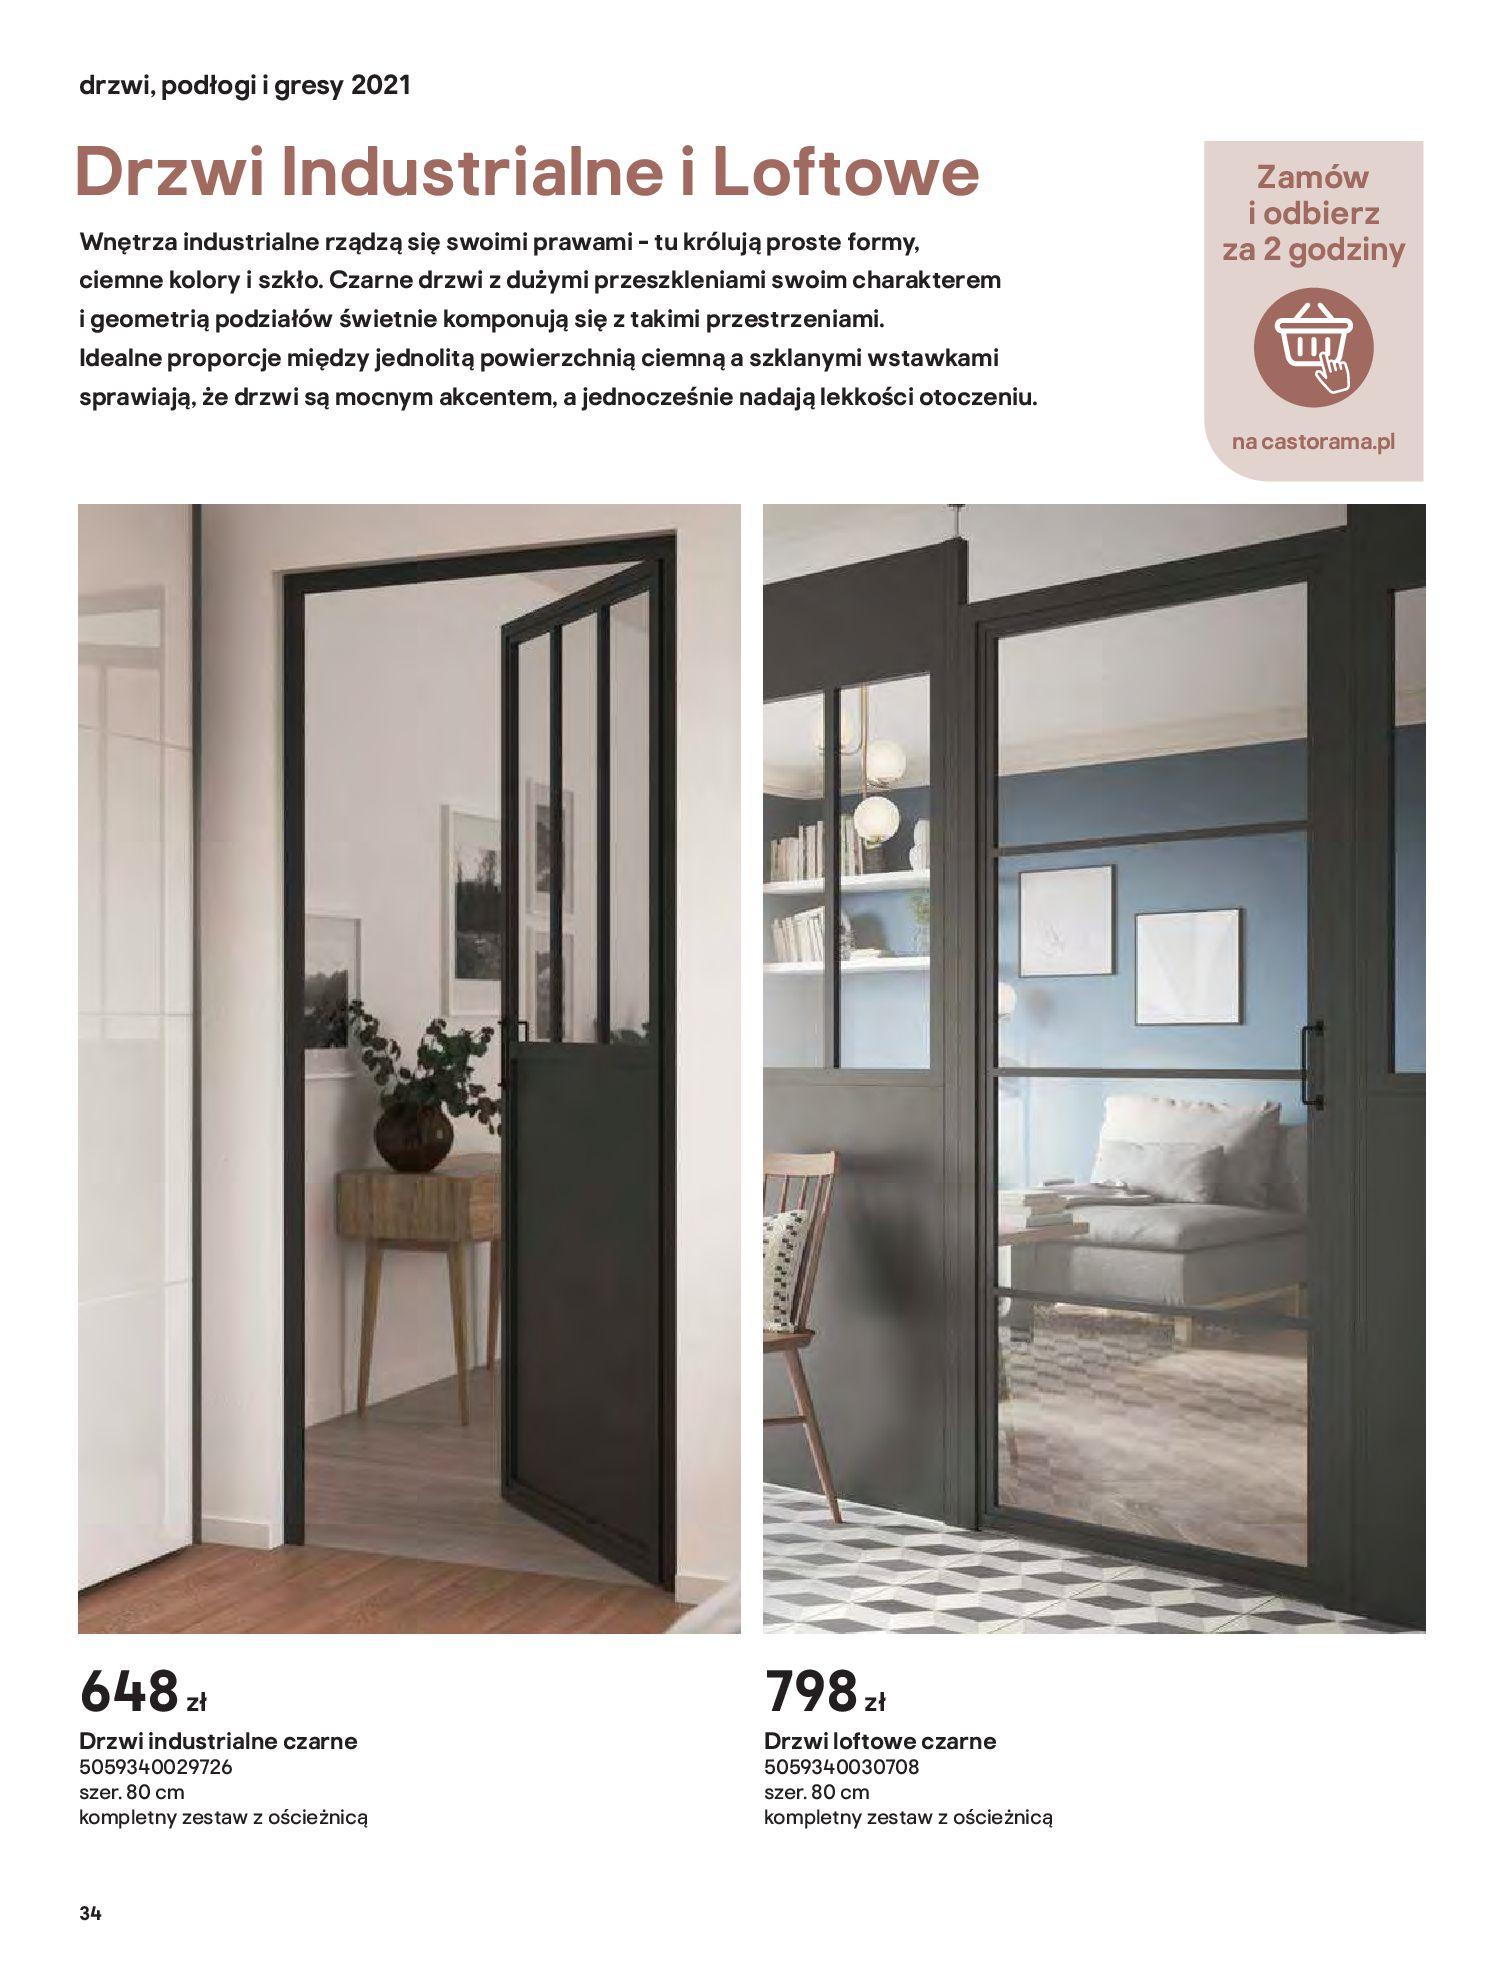 Gazetka Castorama: Gazetka Castorama - Przewodnik drzwi i podłogi 2021 2021-08-11 page-34